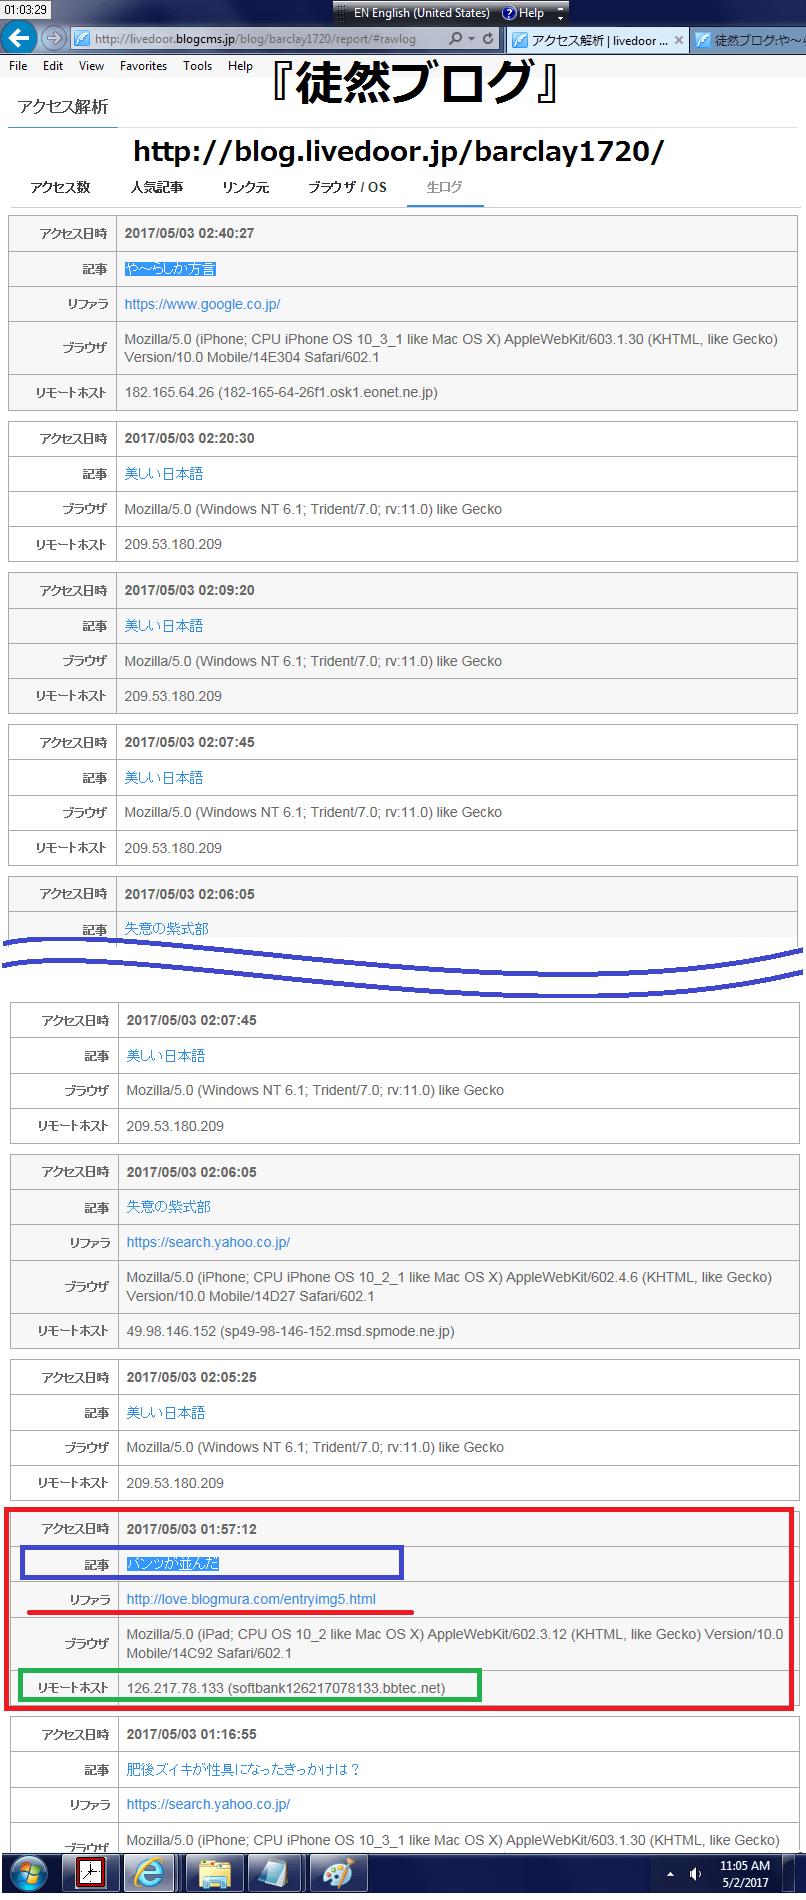 ライブドア『徒然ブログ』の日本時間で2017年5月3日の午前1時16分から午前2時40分までの約1時間半の「生ログ」の一部